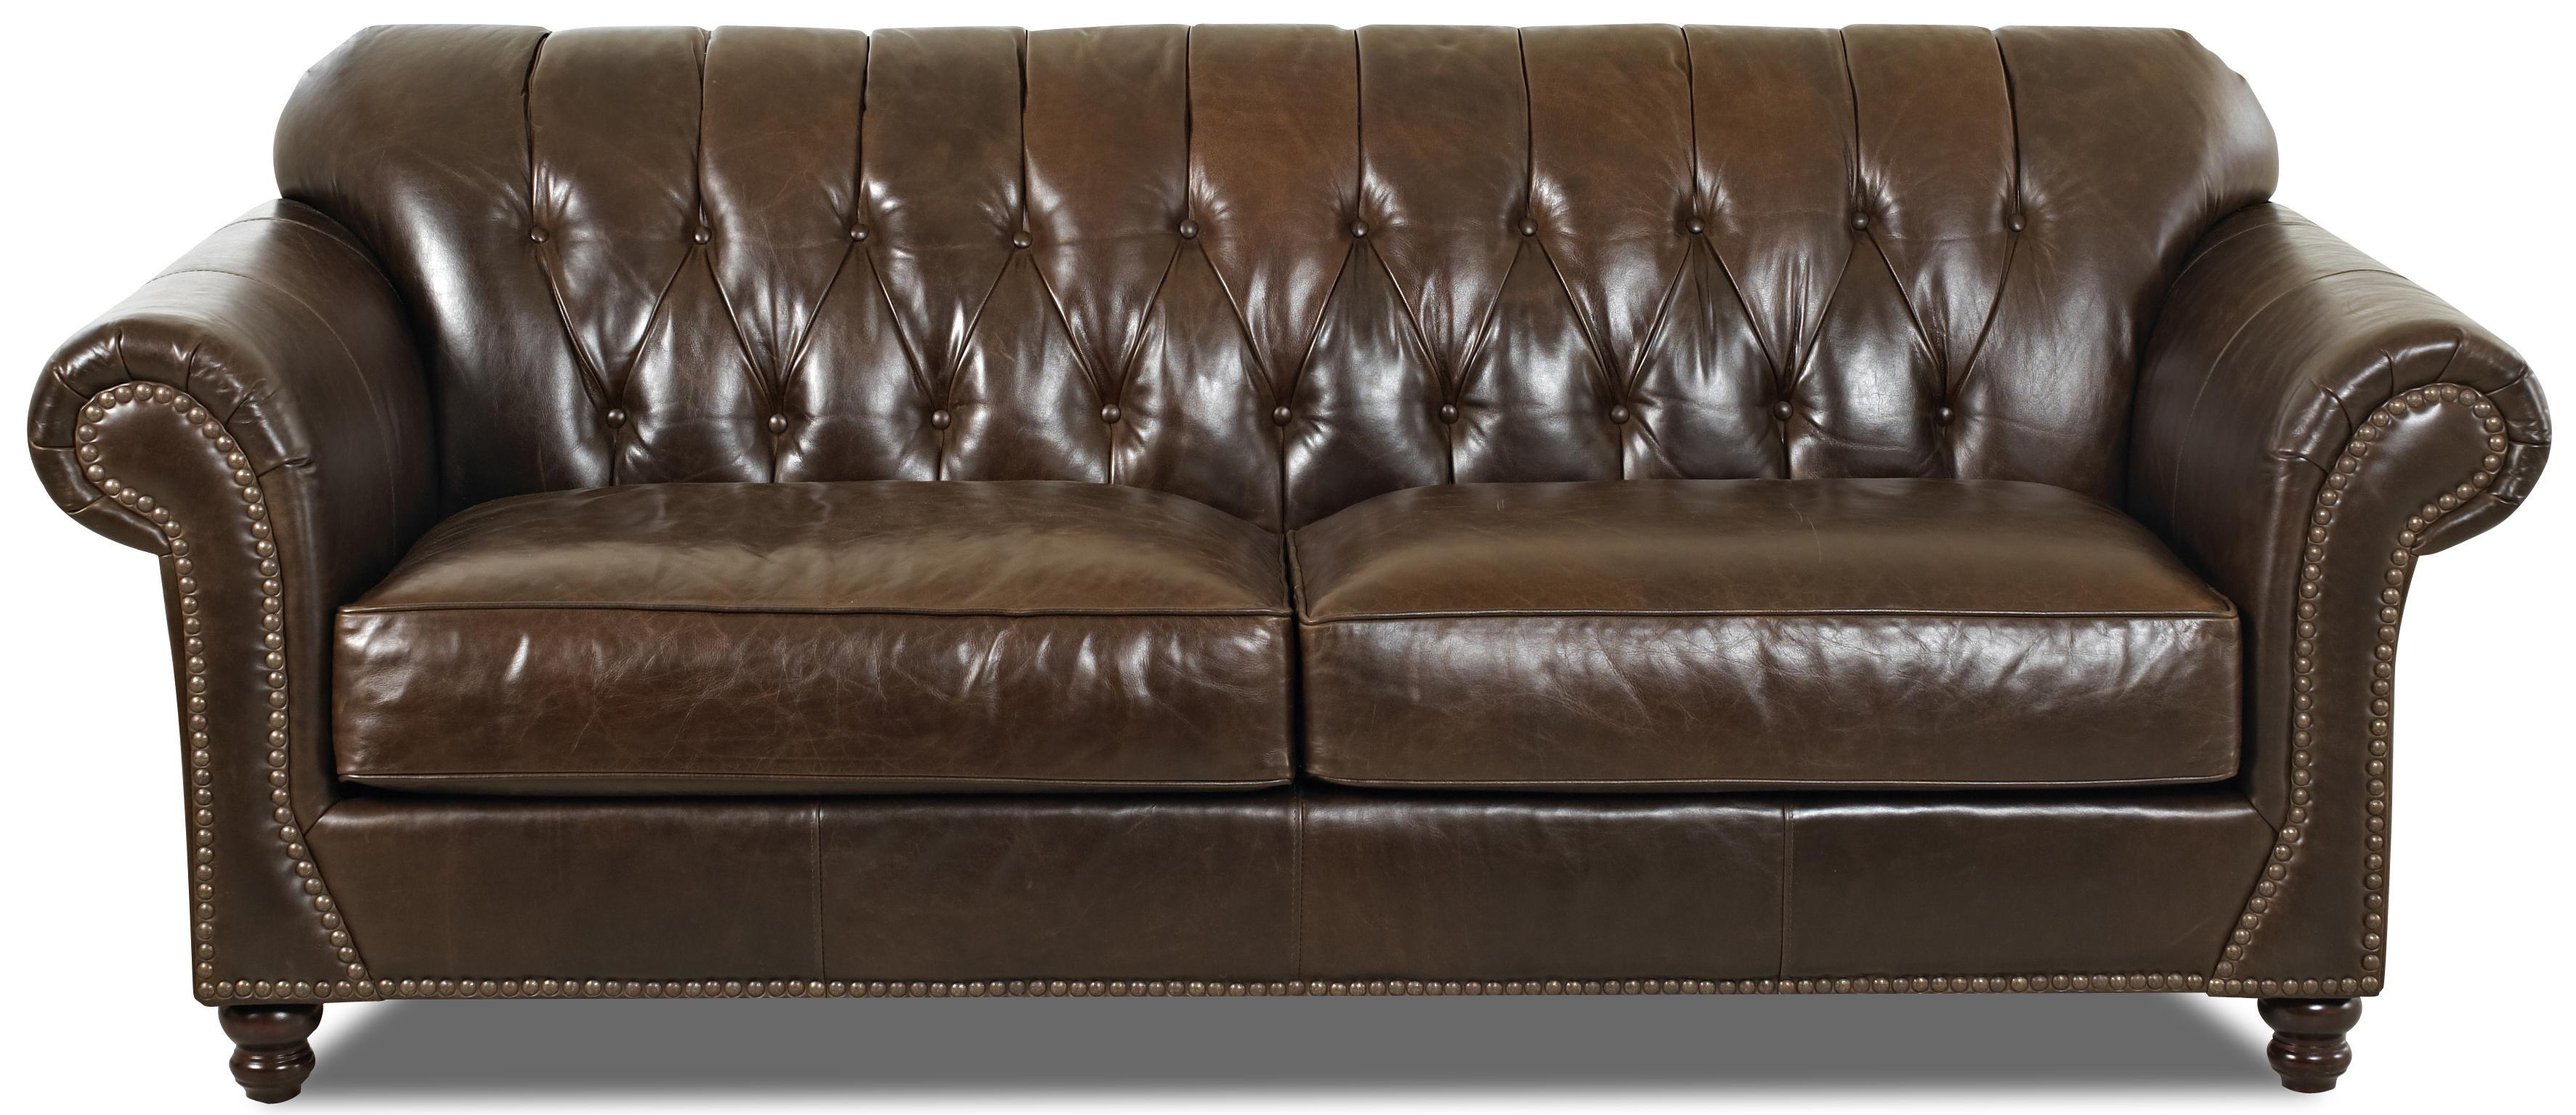 Klaussner Flynn Sofa - Item Number: LD90910 S